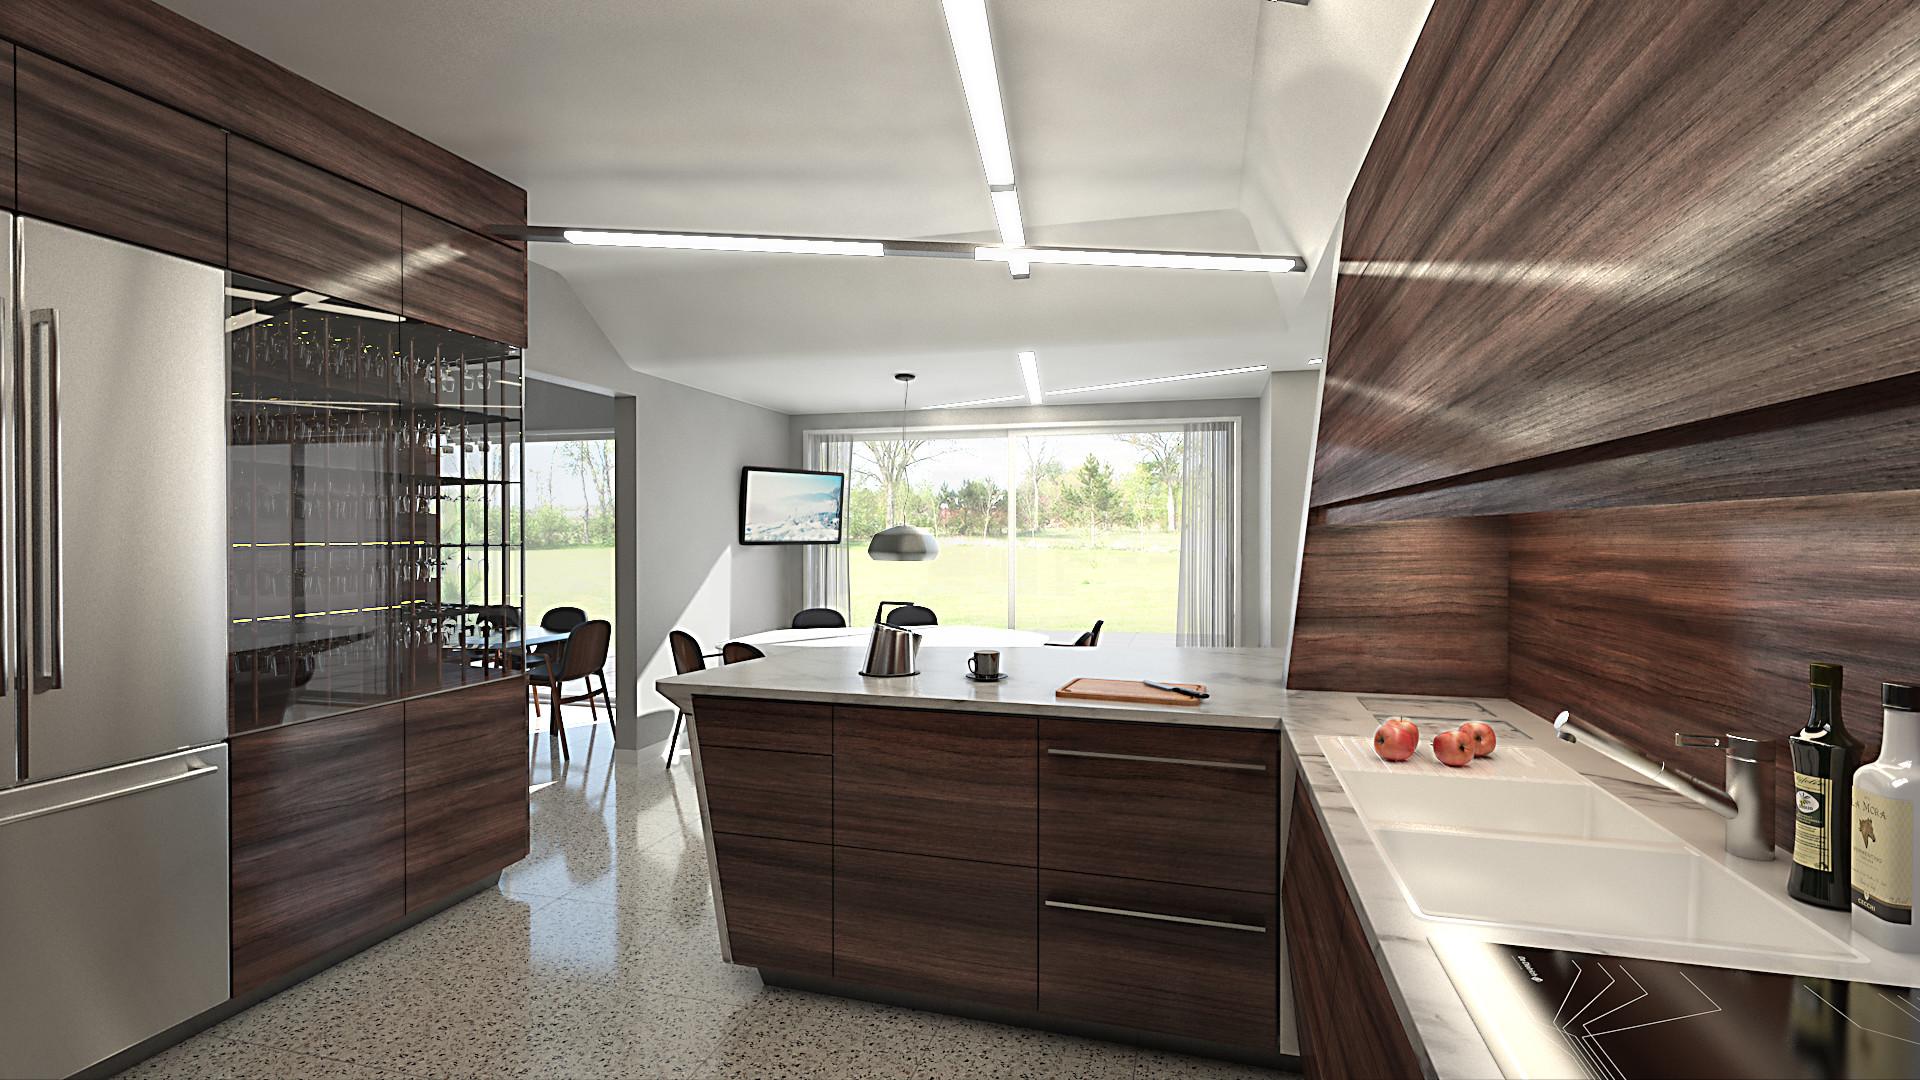 Jean philippe lybeer goddeeris kitchen 2